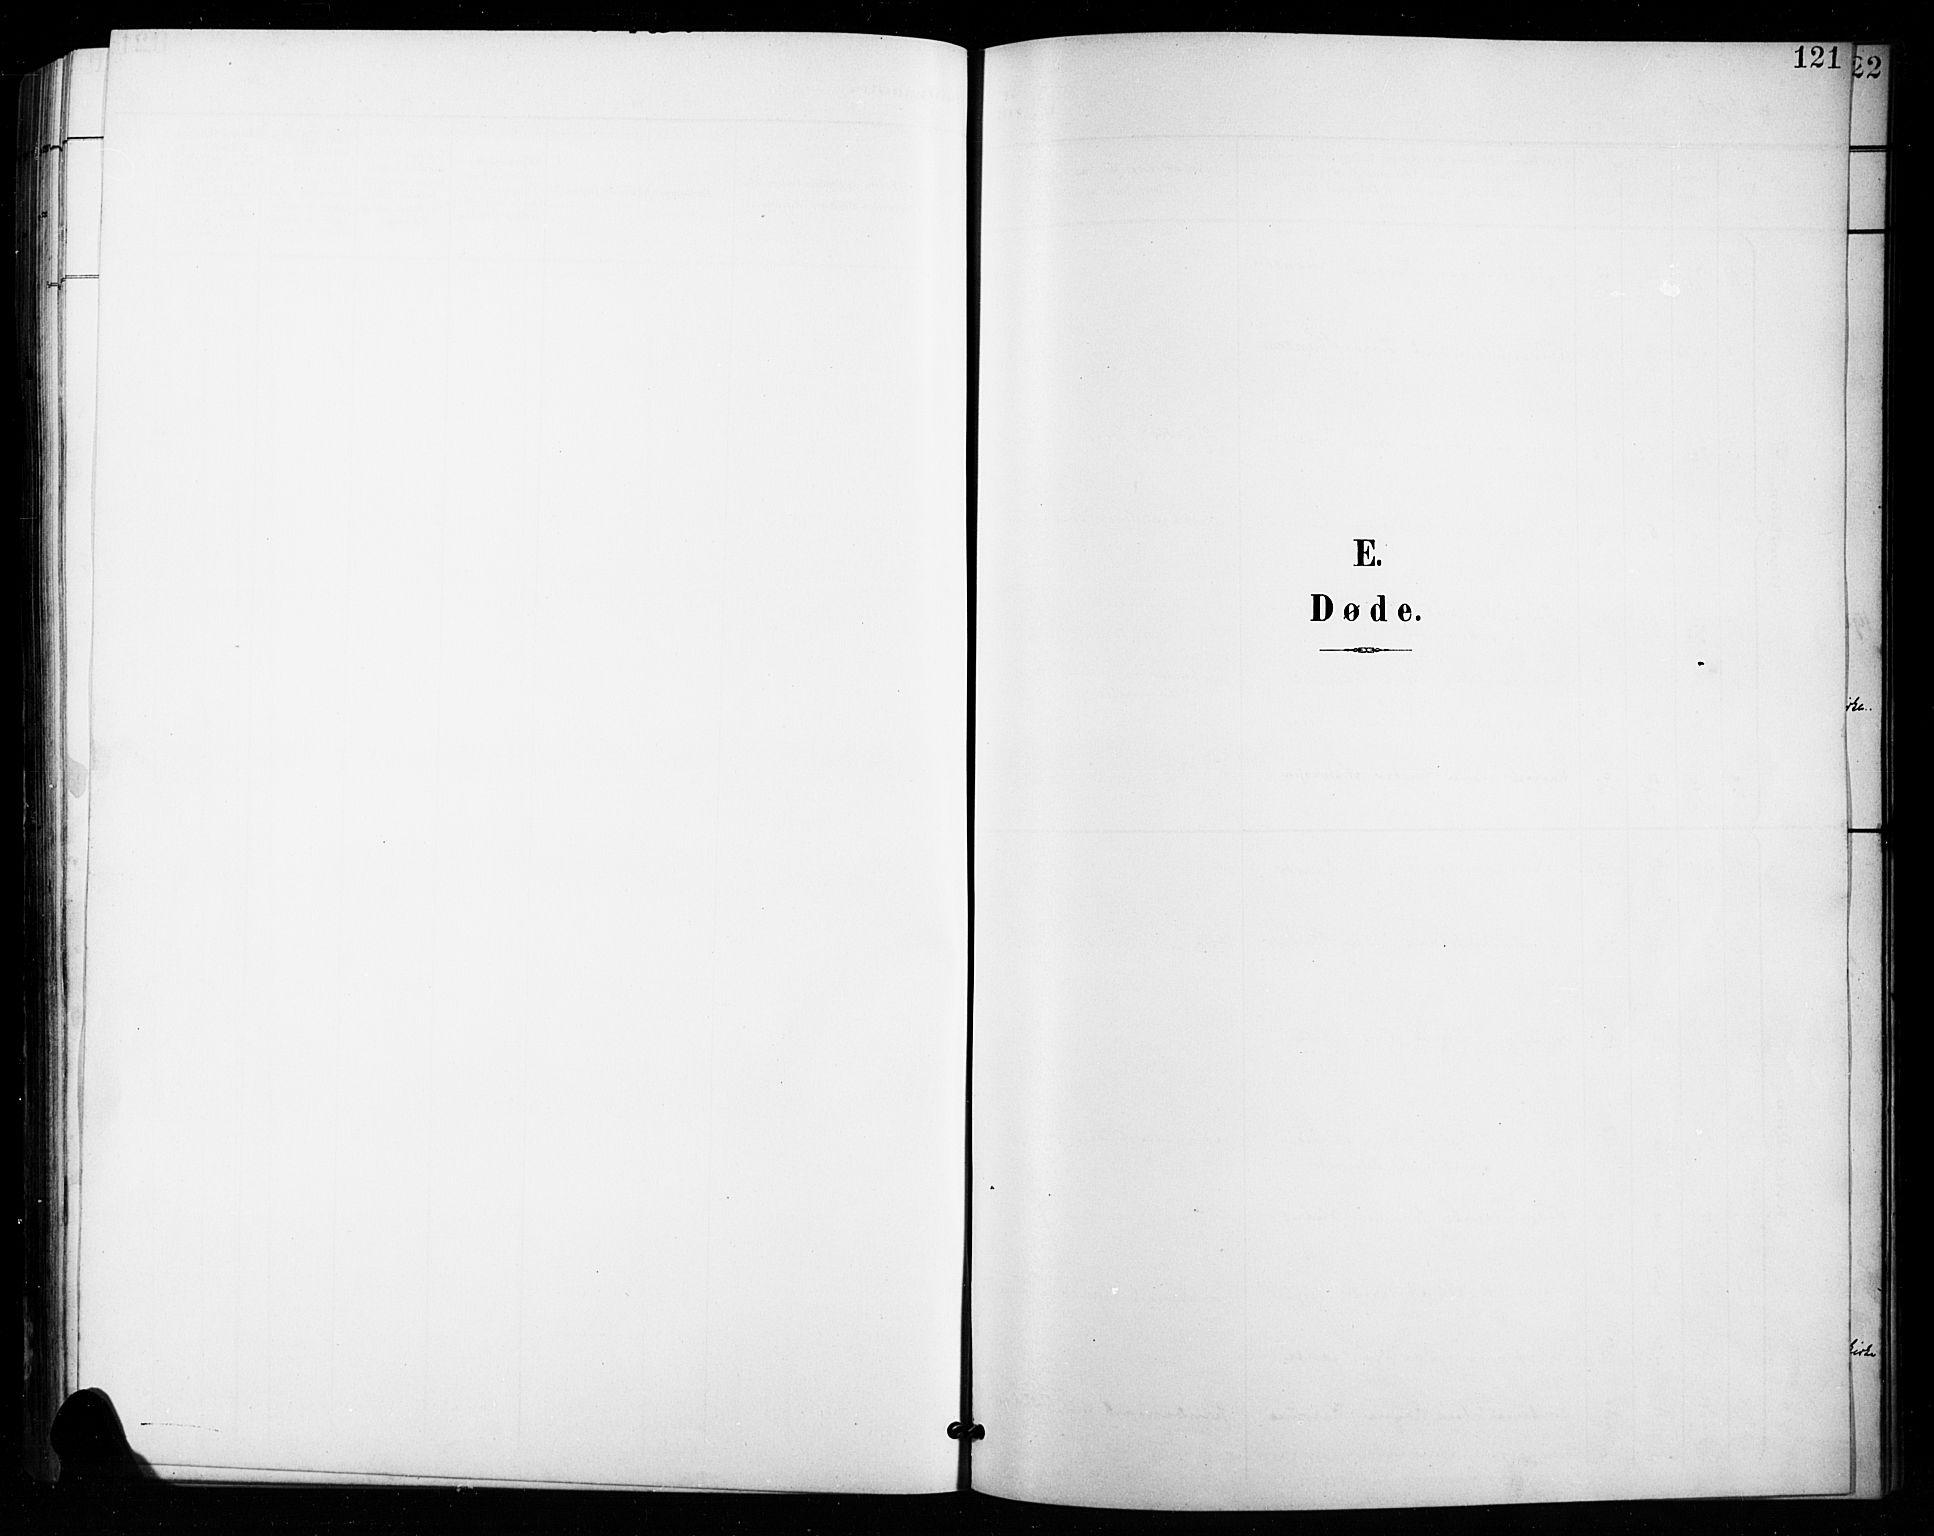 SAH, Vestre Toten prestekontor, Klokkerbok nr. 16, 1901-1915, s. 121